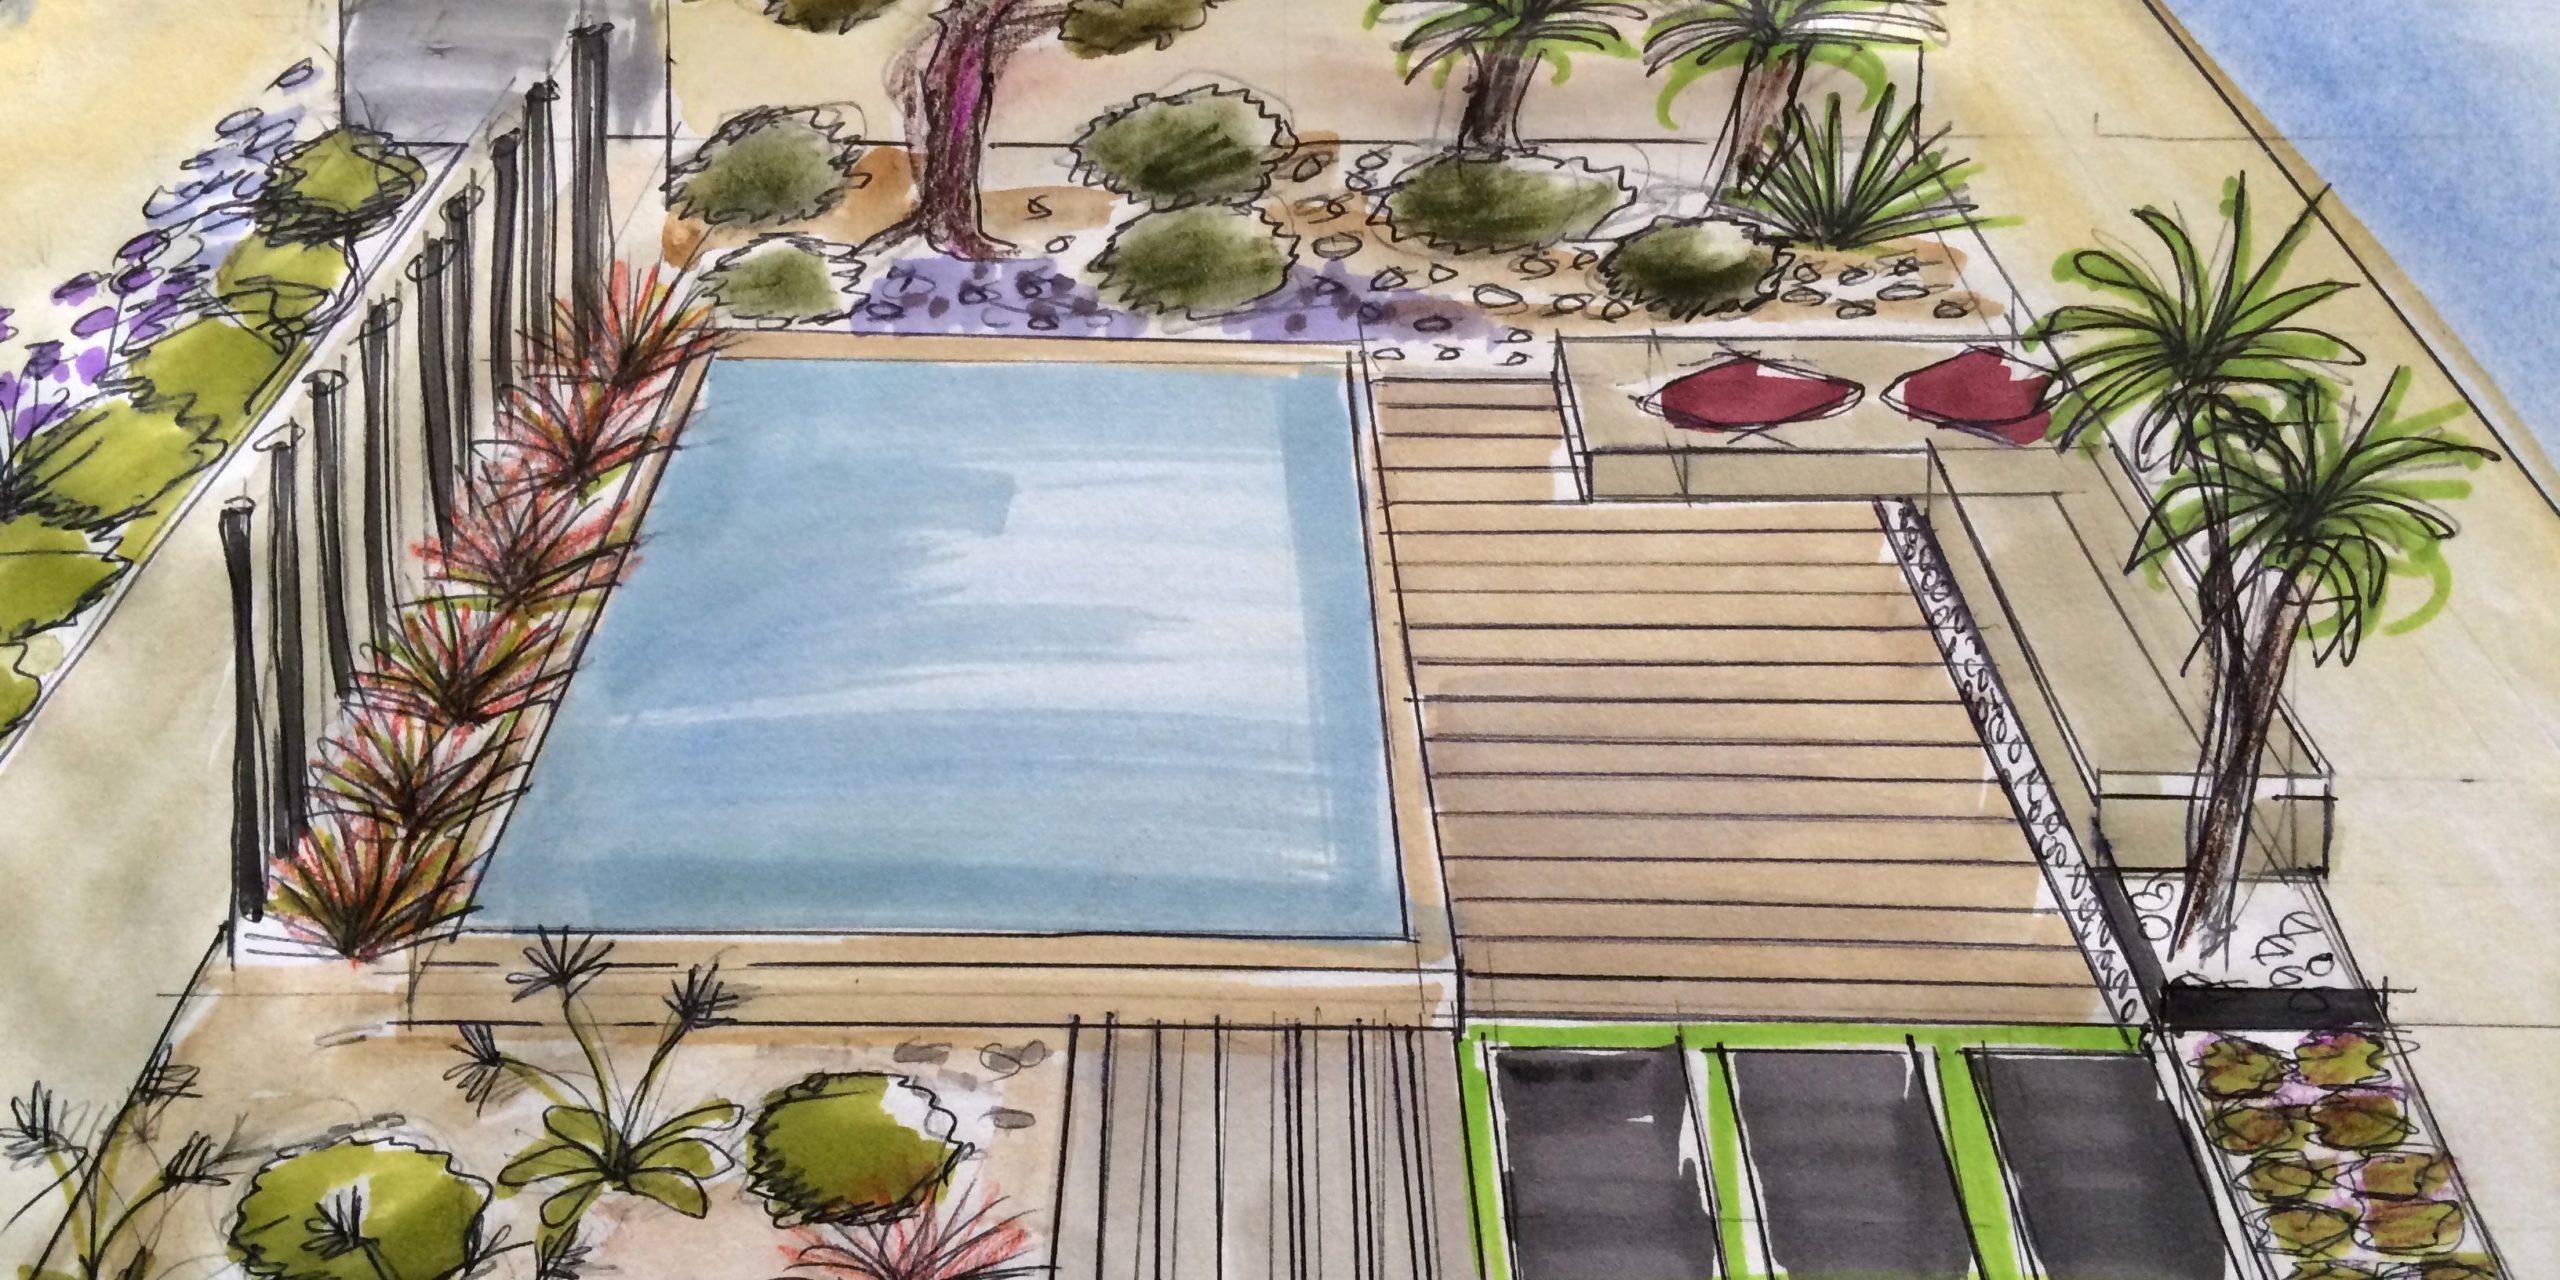 Comment Aménager Un Petit Jardin De Moins De 100 M² Avec Une ... intérieur Aménagement D Un Petit Jardin De Ville